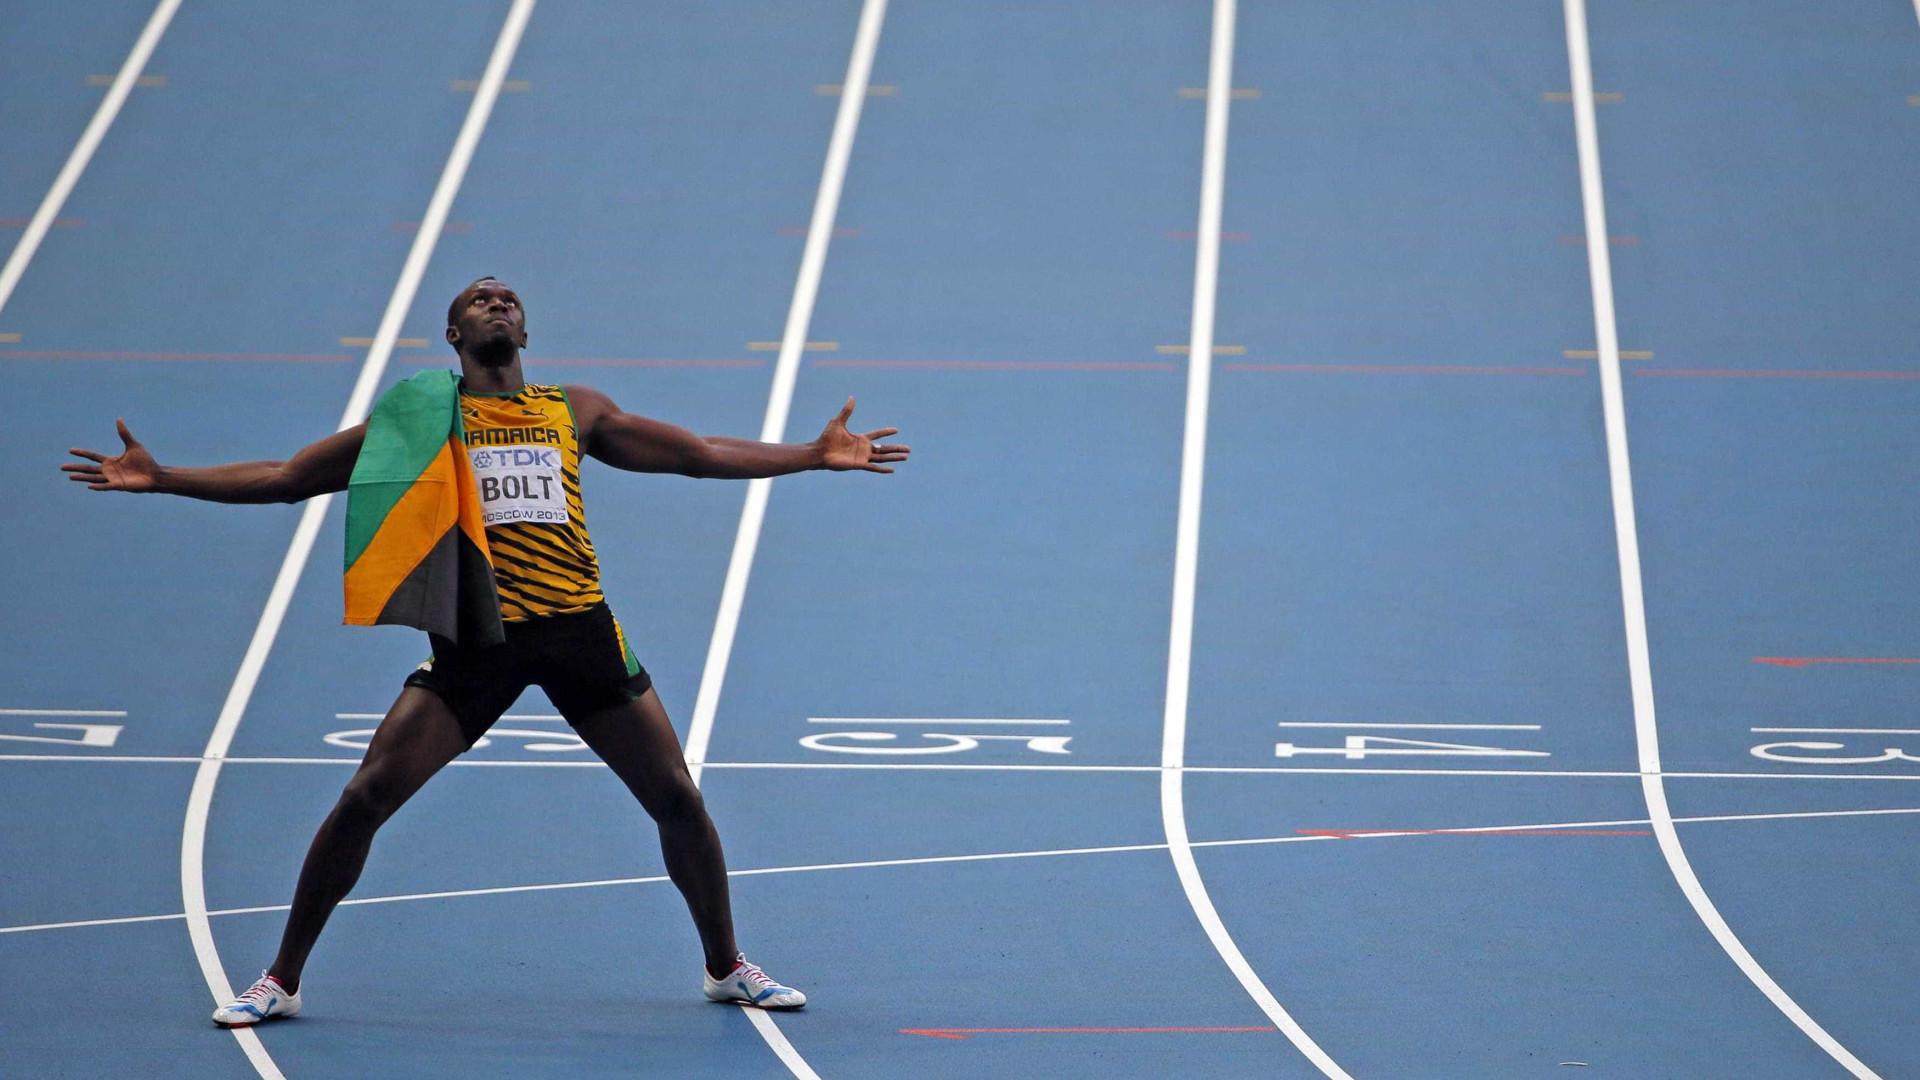 Bolt encerra carreira com medalha de bronze em Mundial